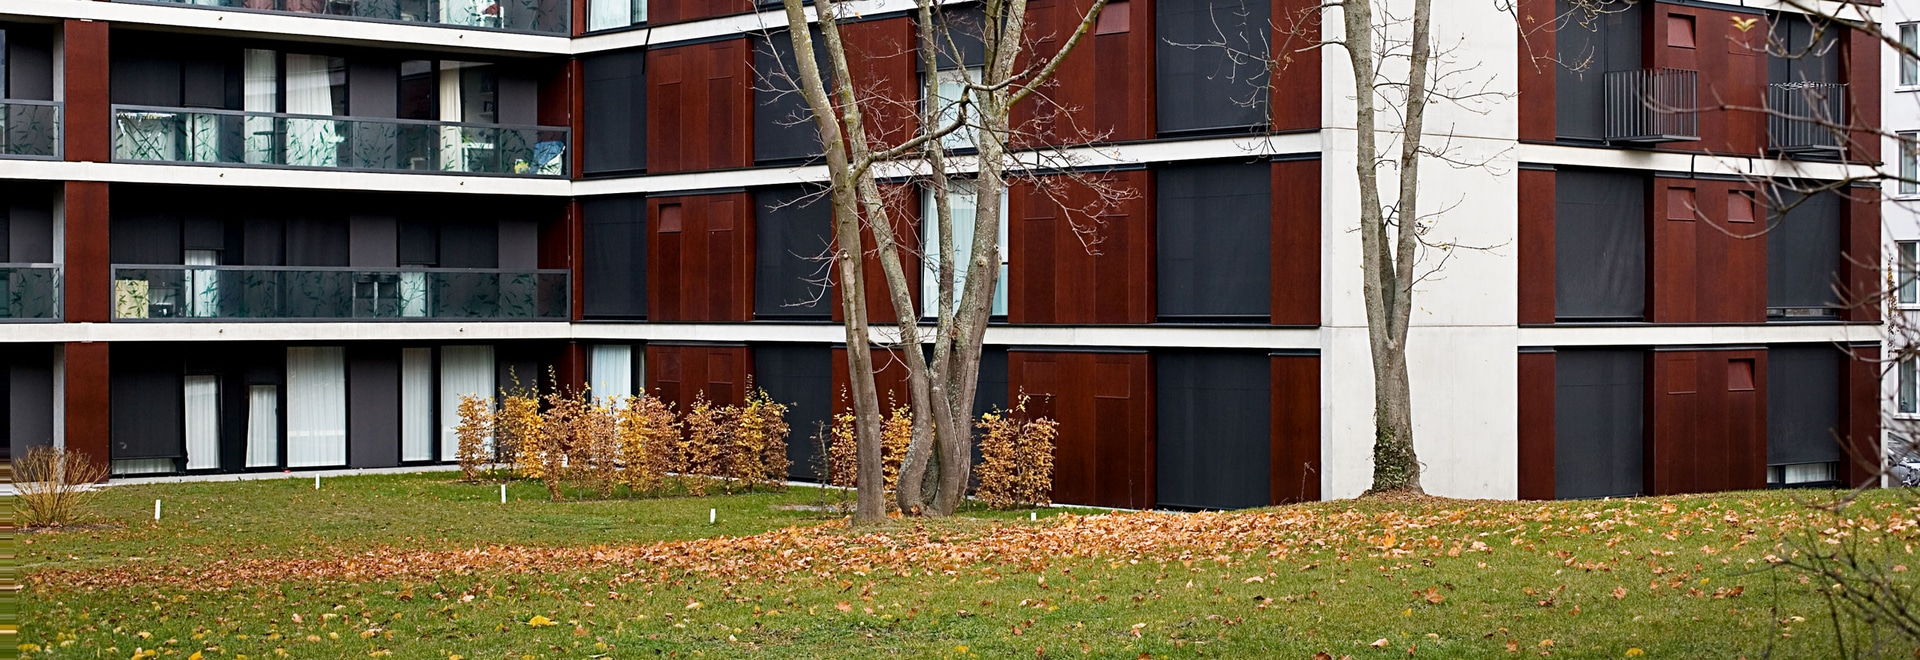 Residenza per studenti a Zürnstraße